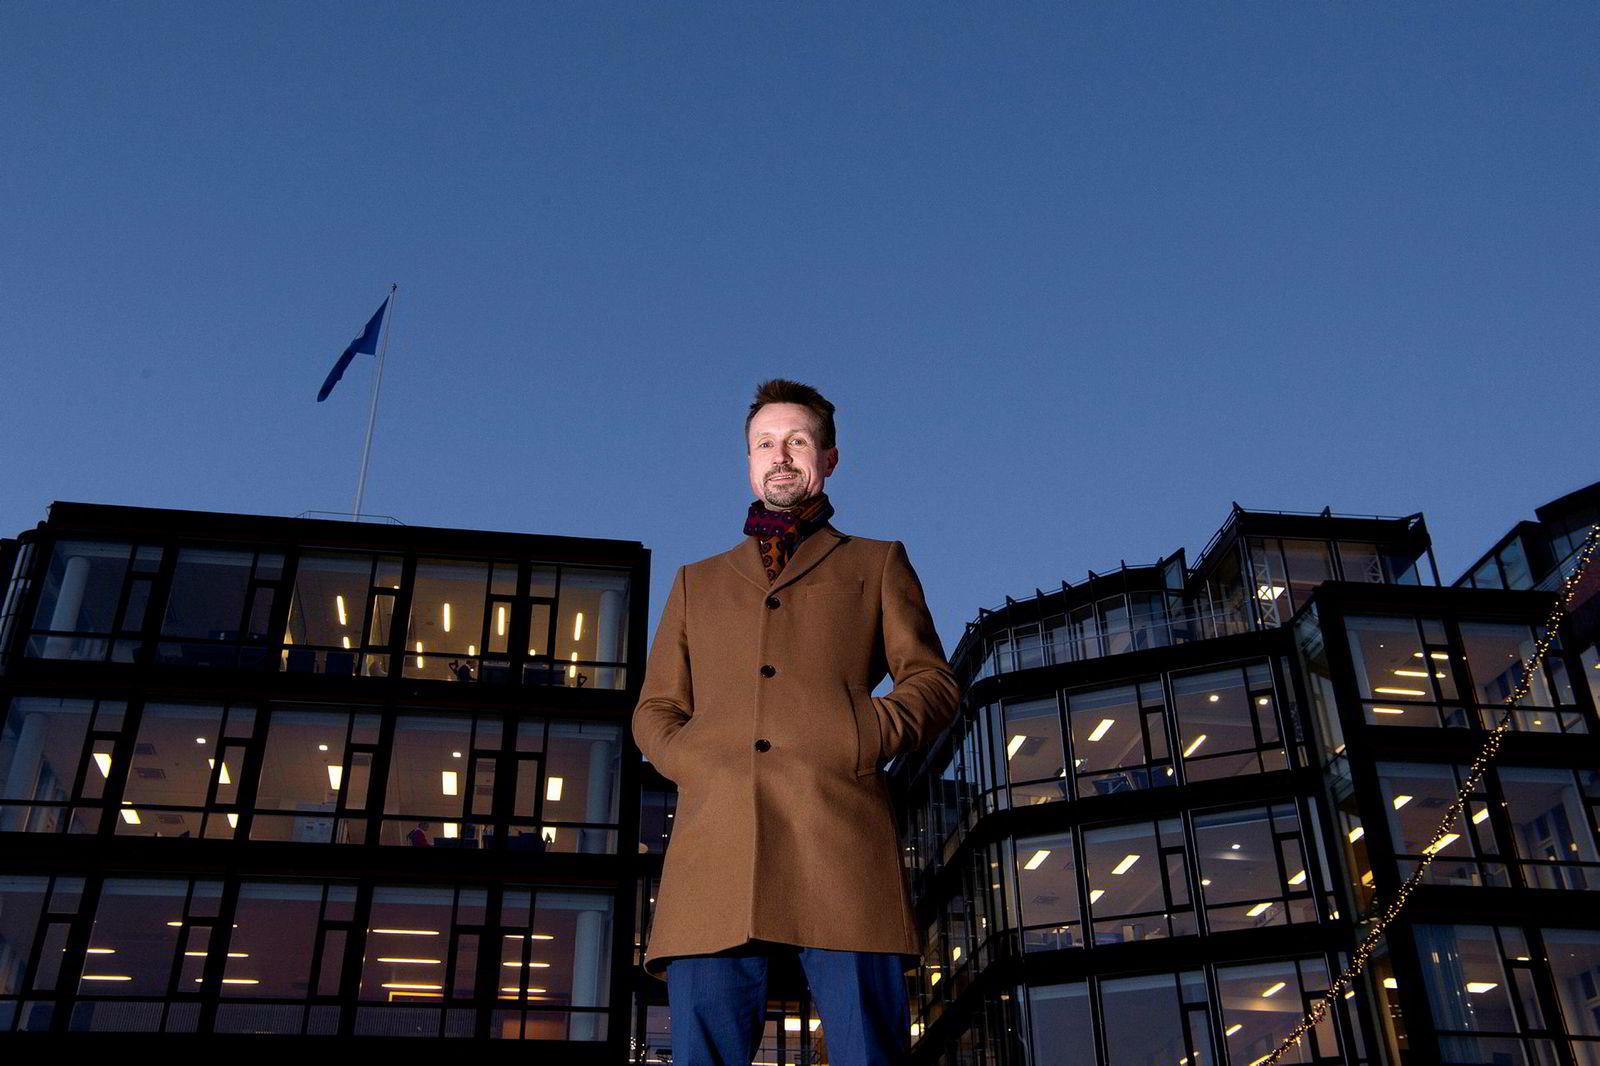 Claes Watndal, administrerende direktør i Mentis Cura, som har fått et stort gjennombrudd etter mange års utvikling.